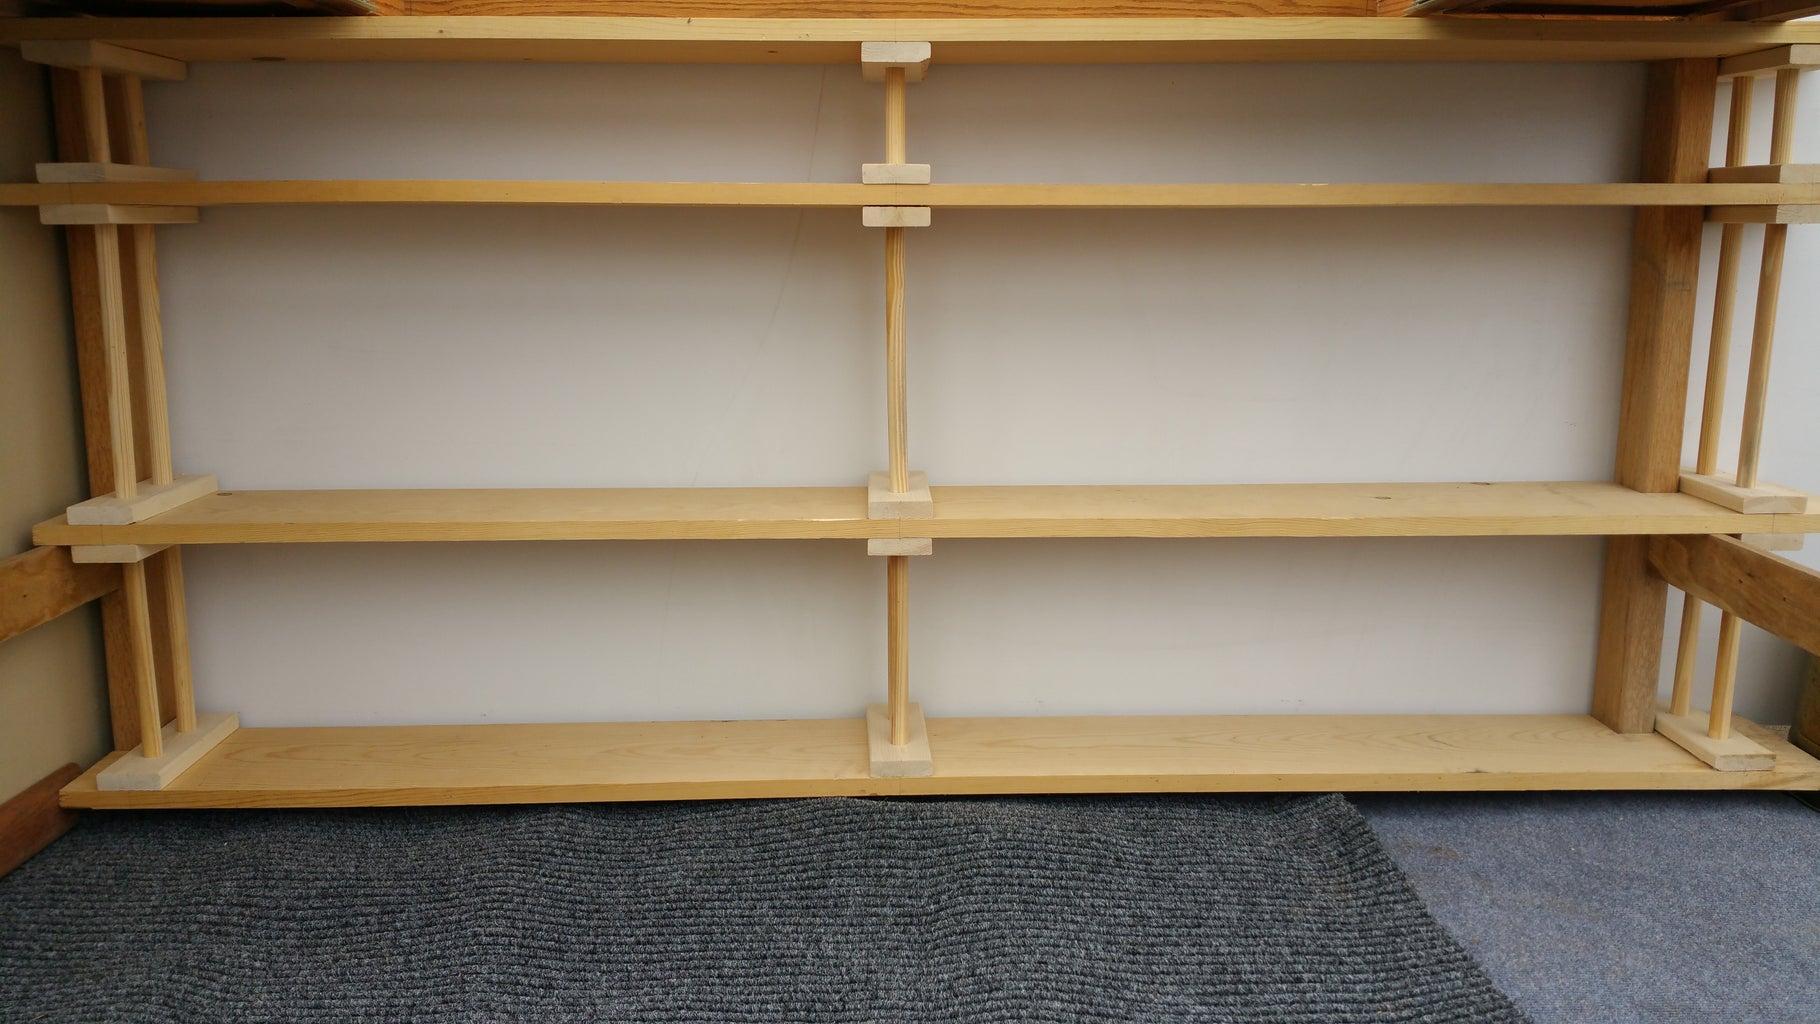 Down Under Shelves